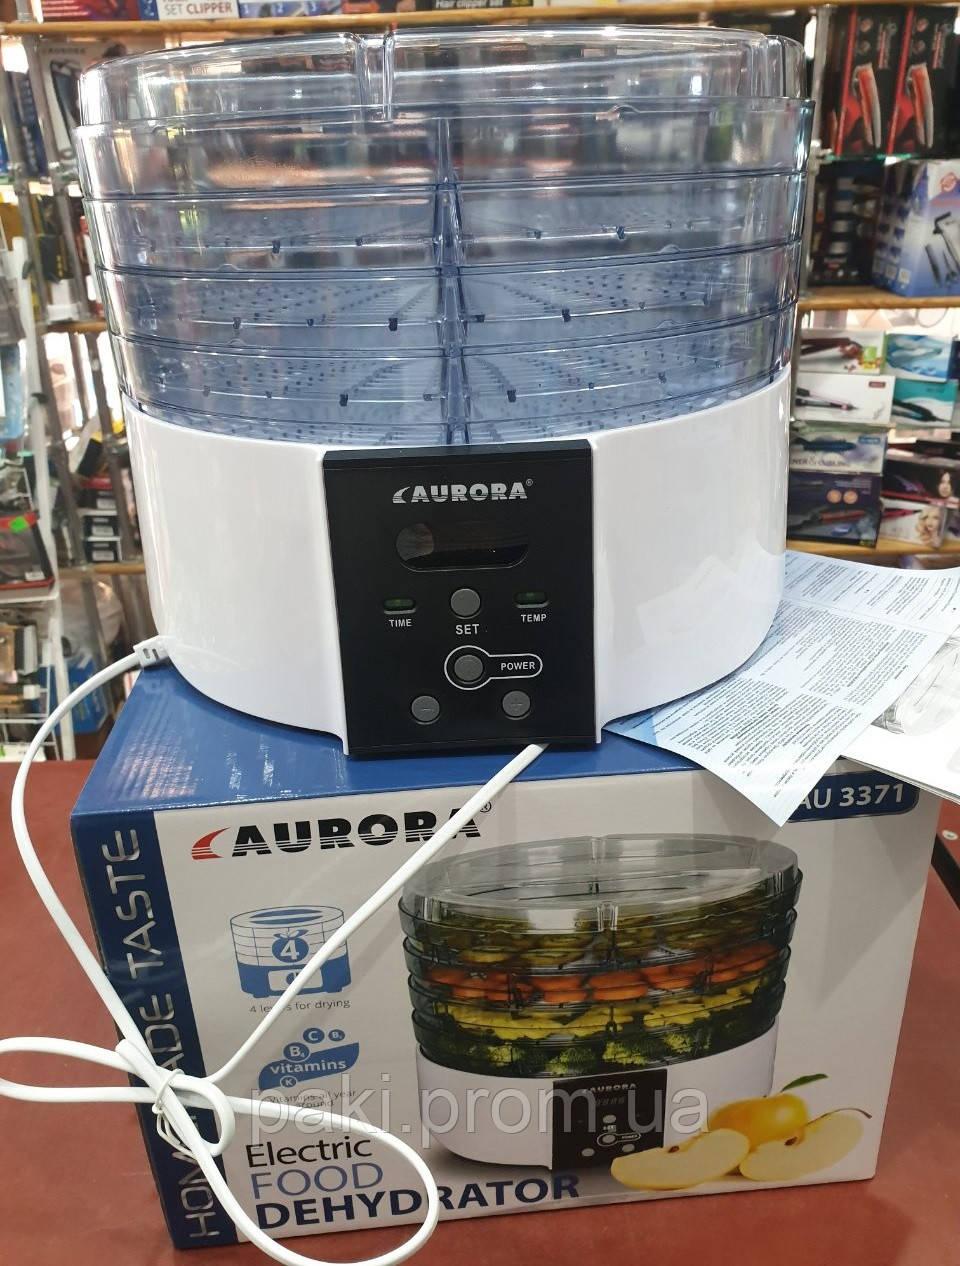 Електрична сушарка для фруктів і овочів Aurora AU 3371 (4 яруси)